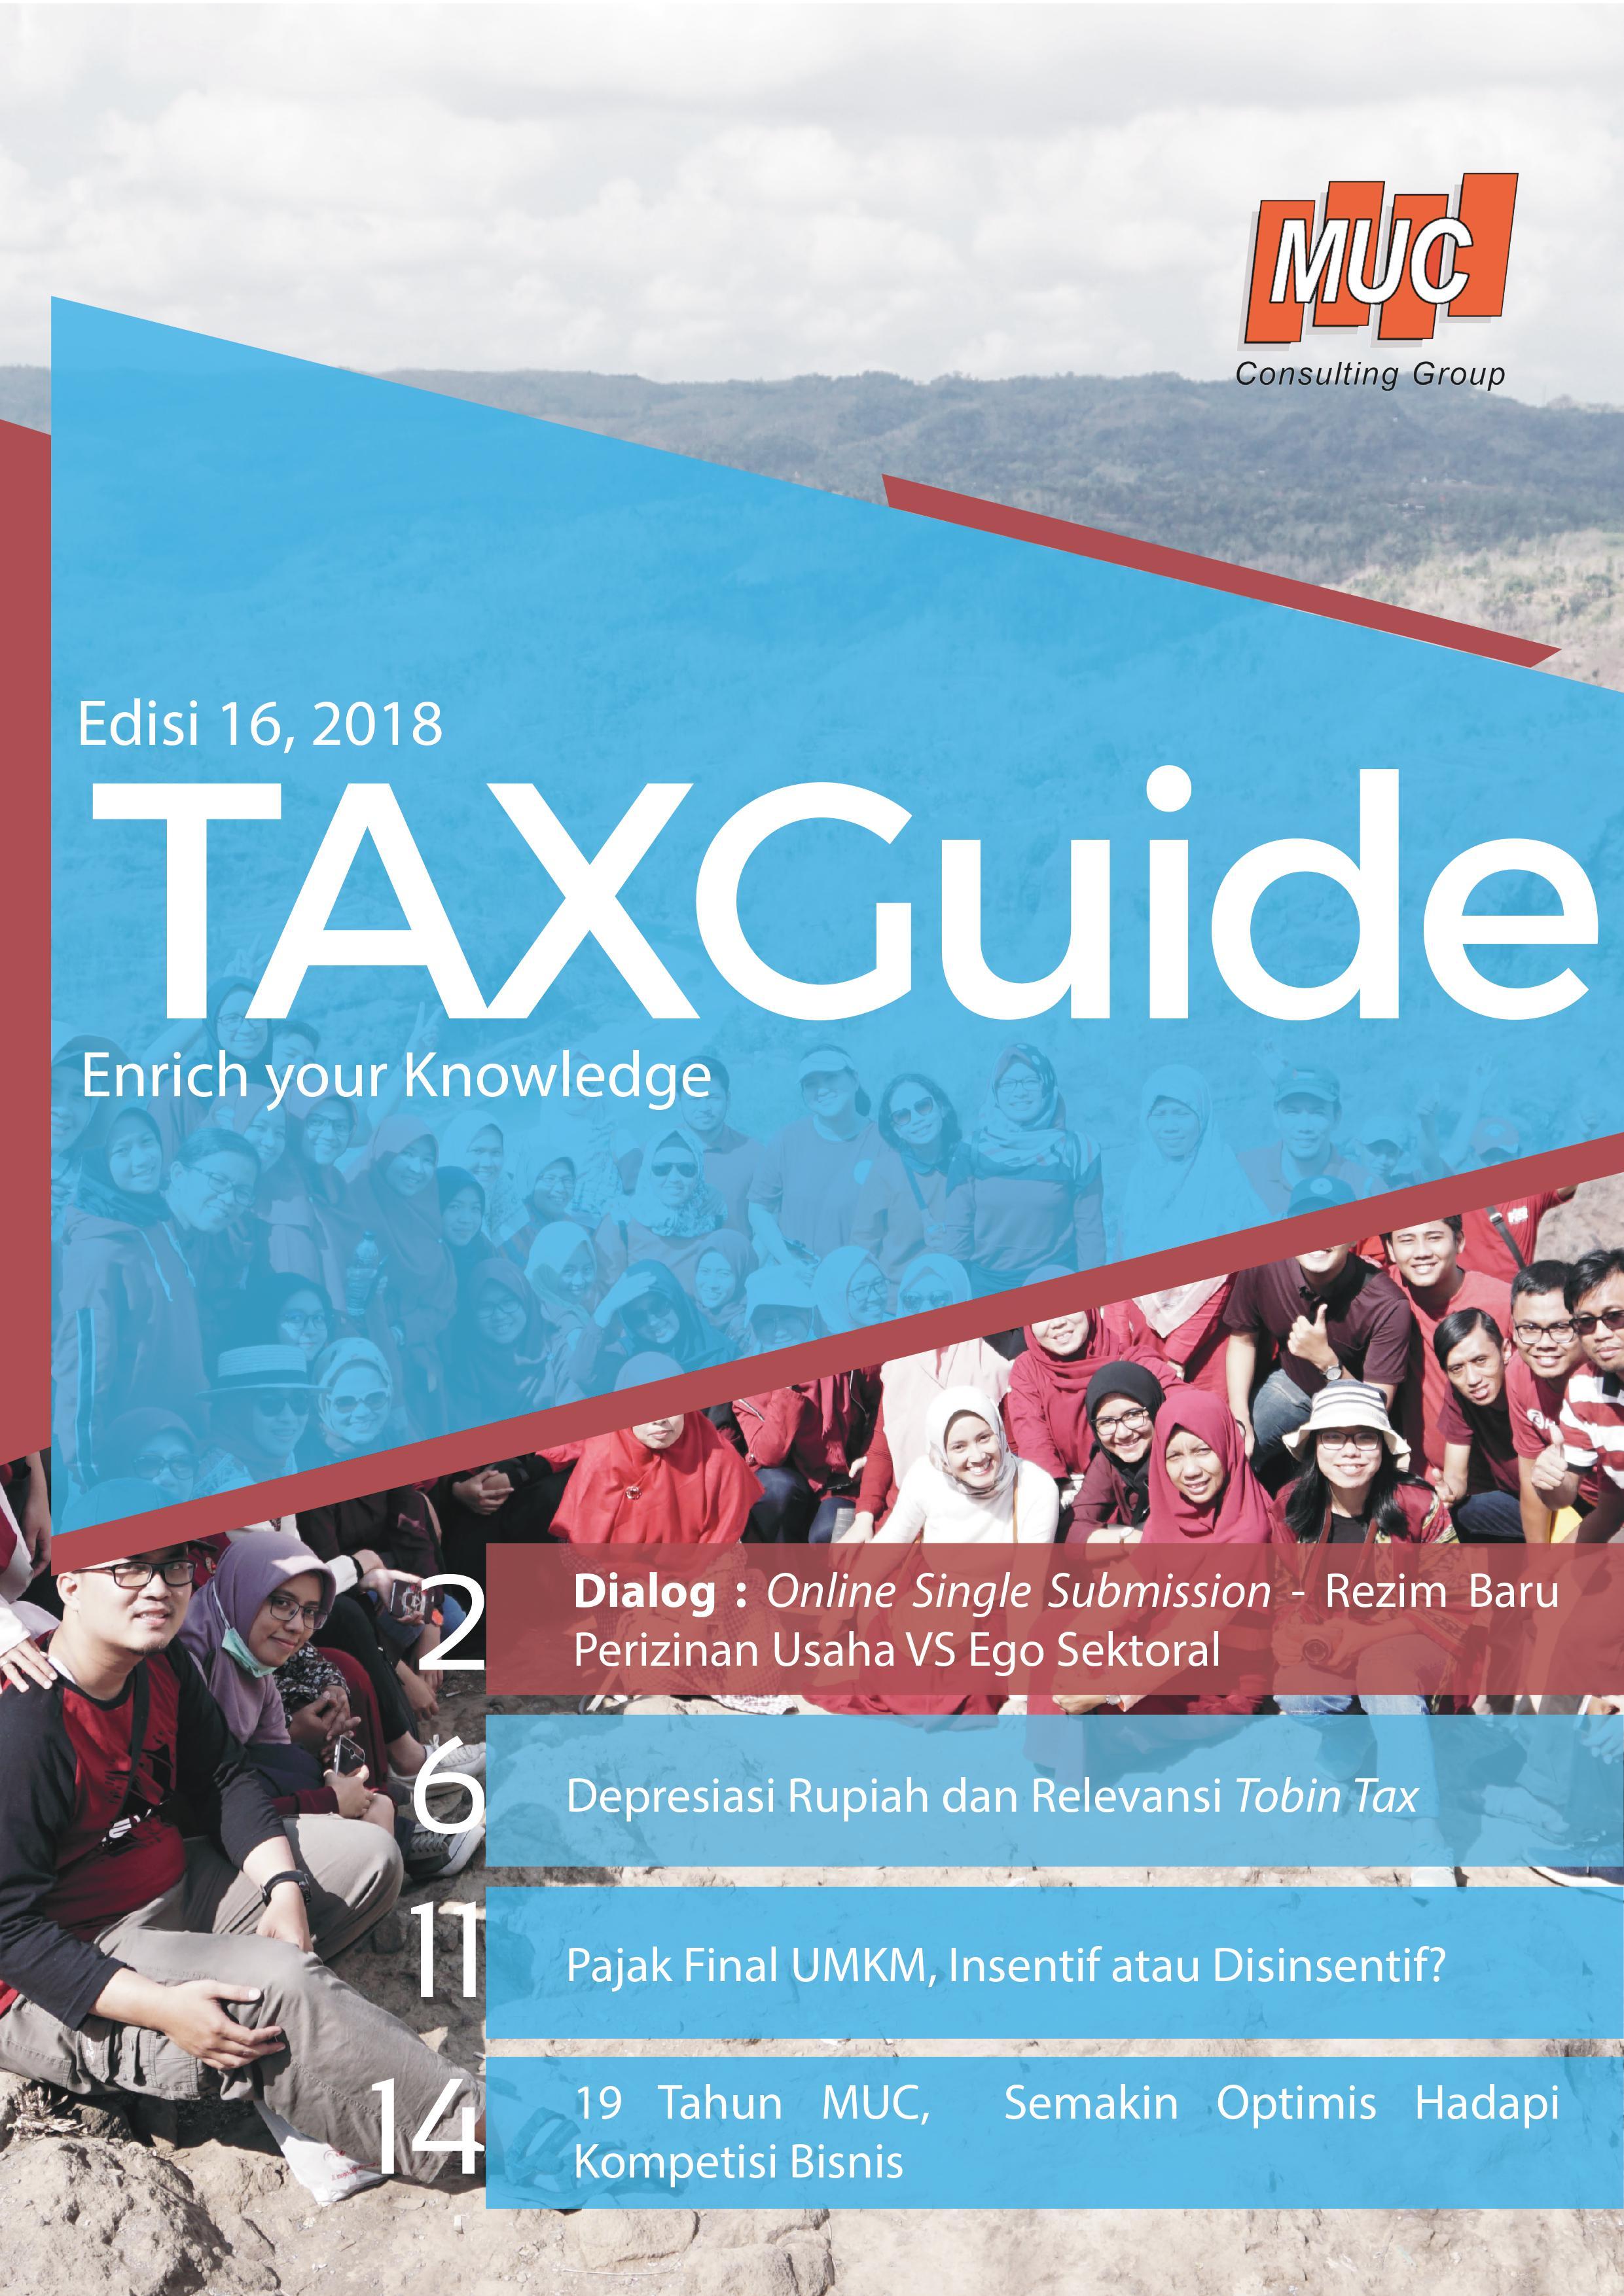 Tax guide Edisi 16 2018